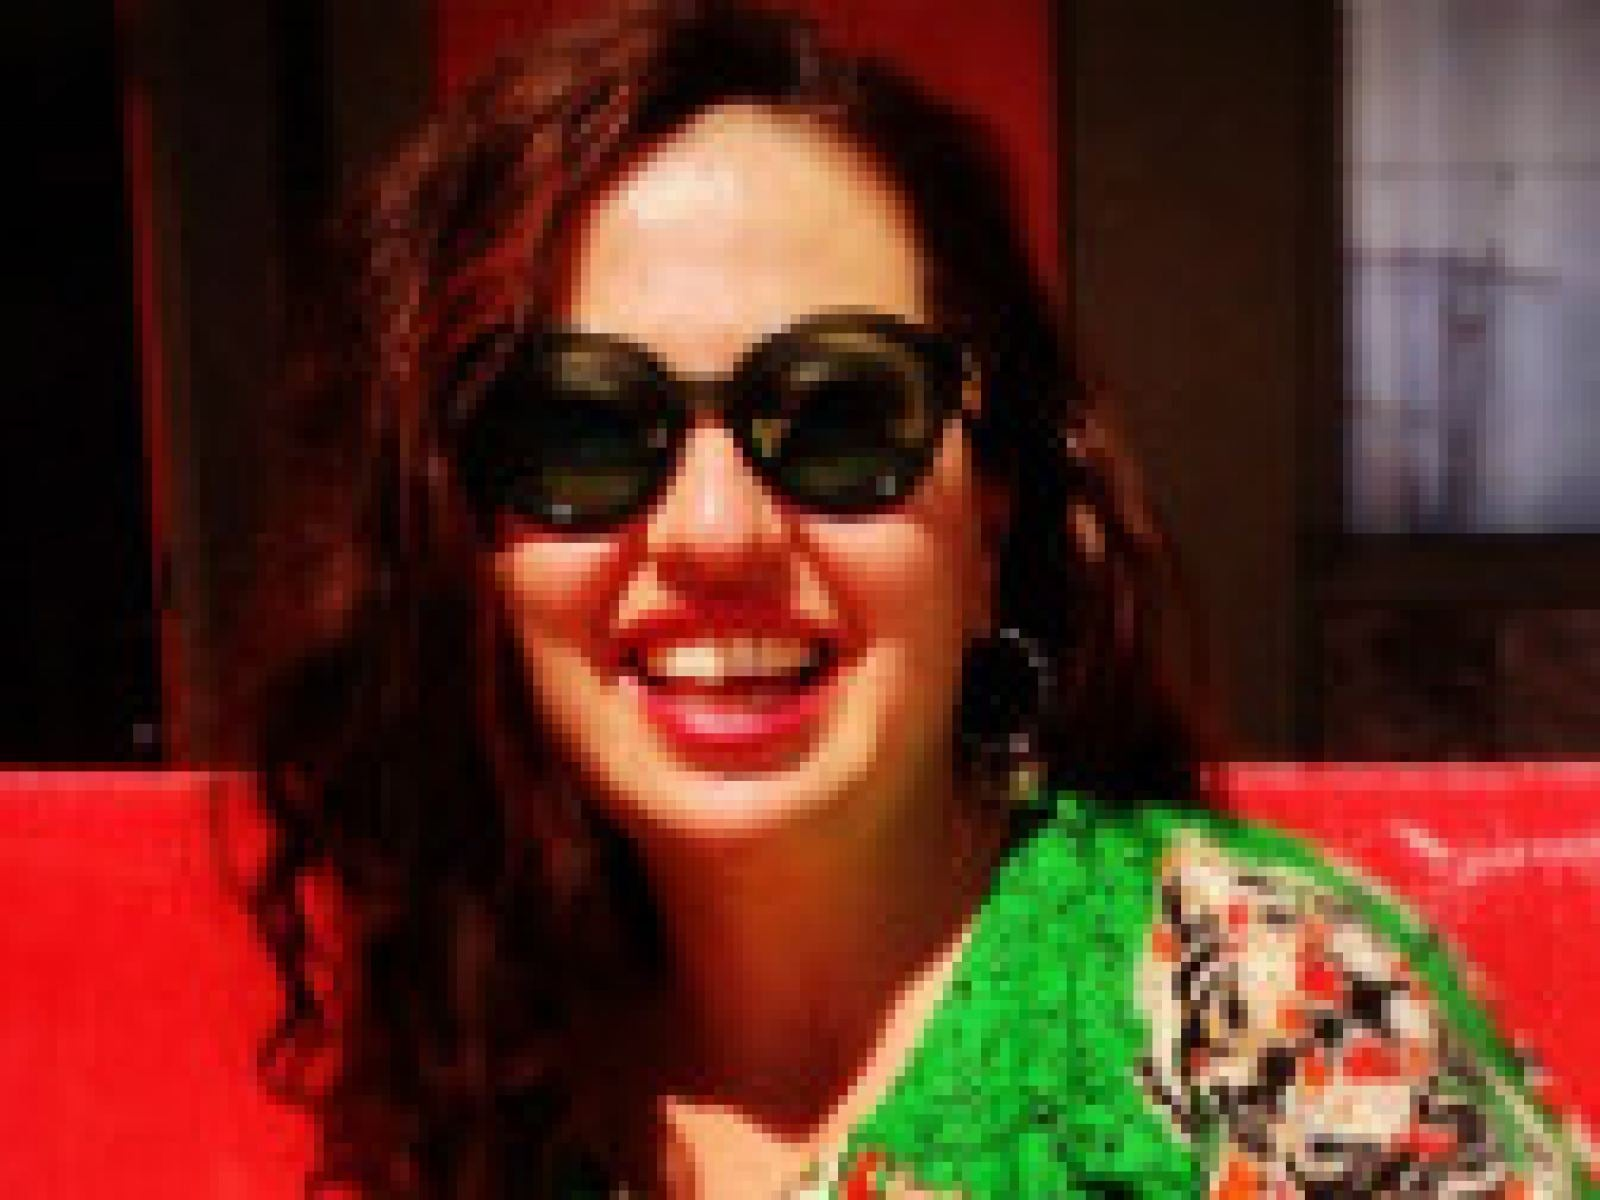 Elina Shatkin